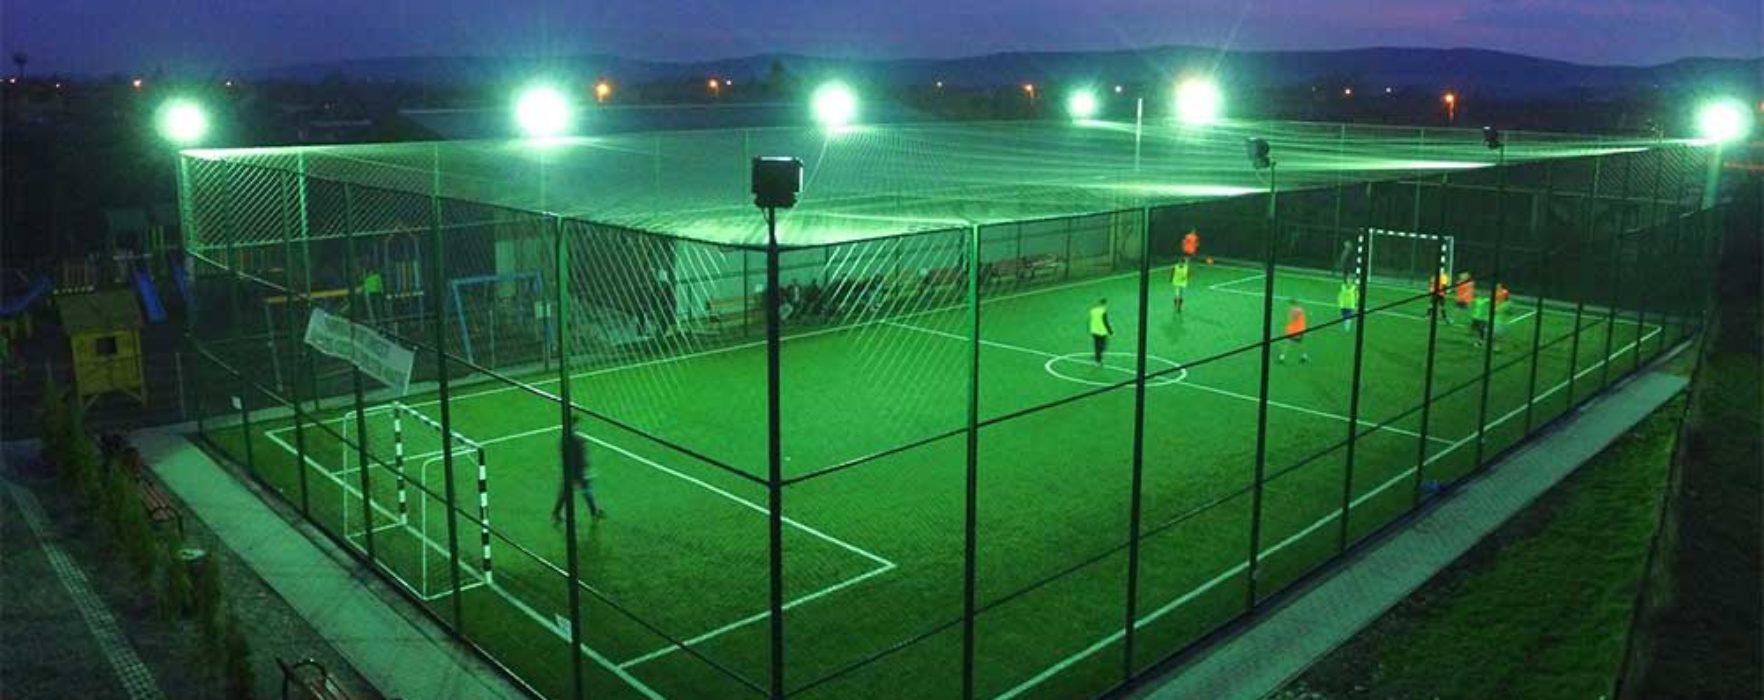 Târgovişte: A fost semnat contractul pentru realizarea unui teren de fotbal cu gazon sintetic